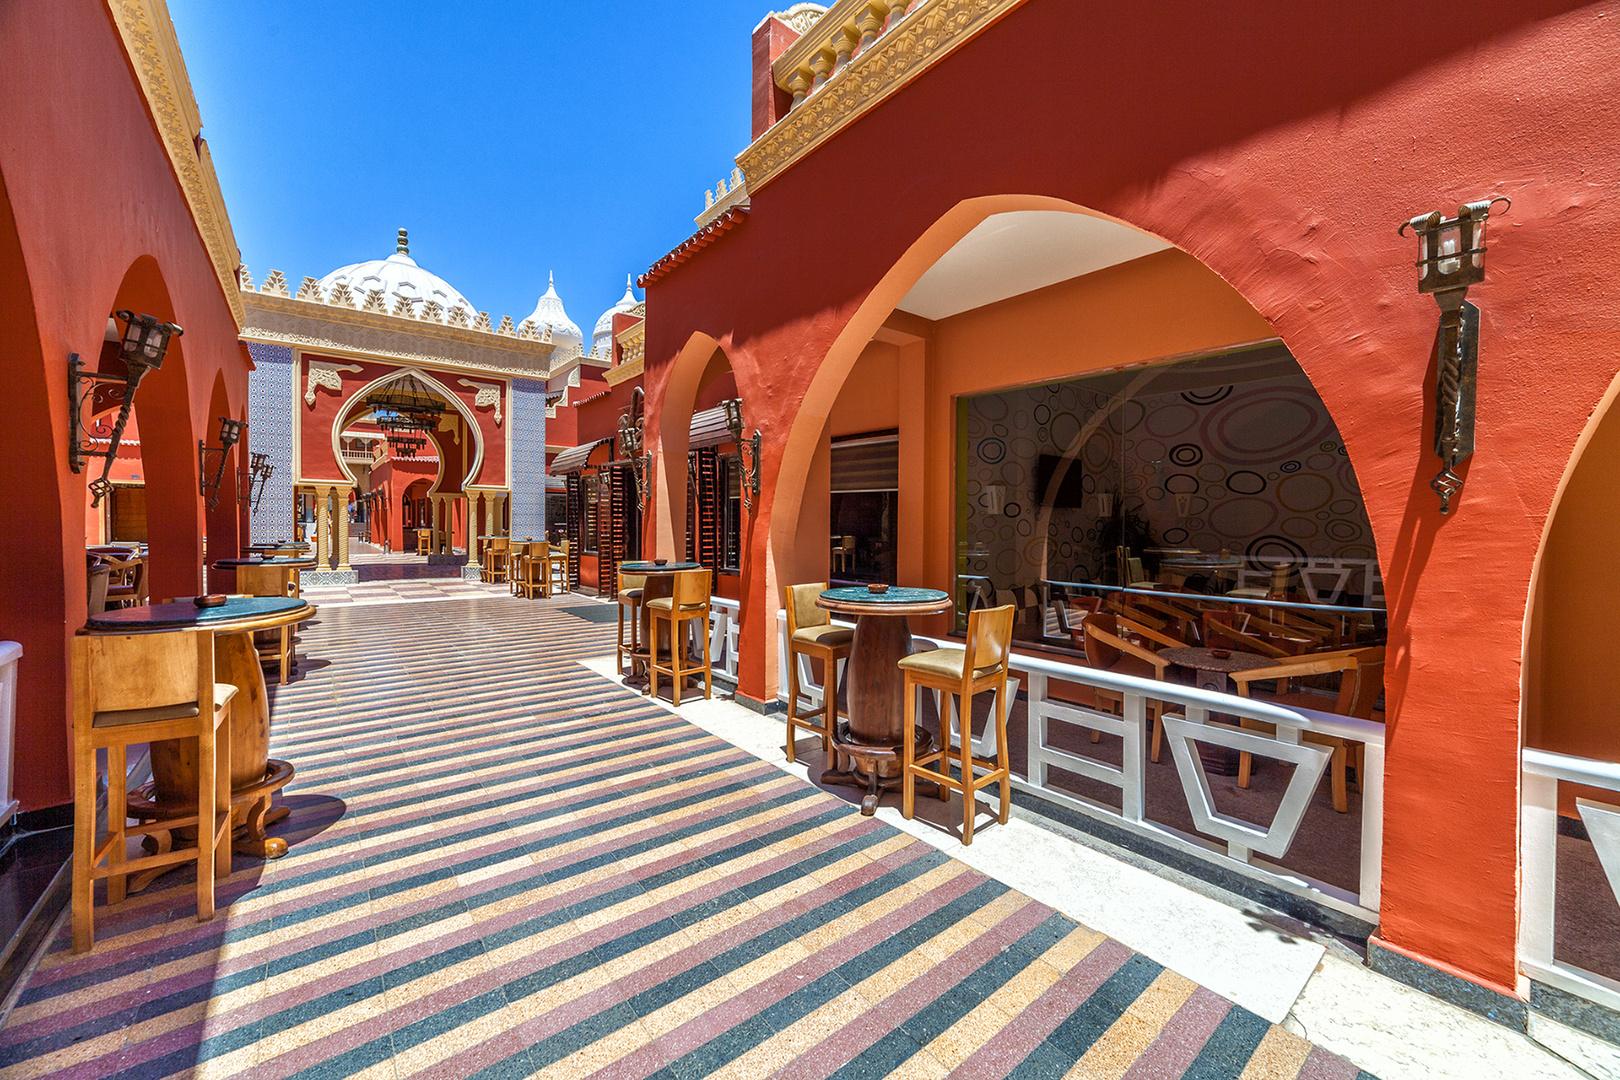 alf leila wa leila 1001 nacht hotel 2 foto bild africa egypt north africa bilder auf. Black Bedroom Furniture Sets. Home Design Ideas